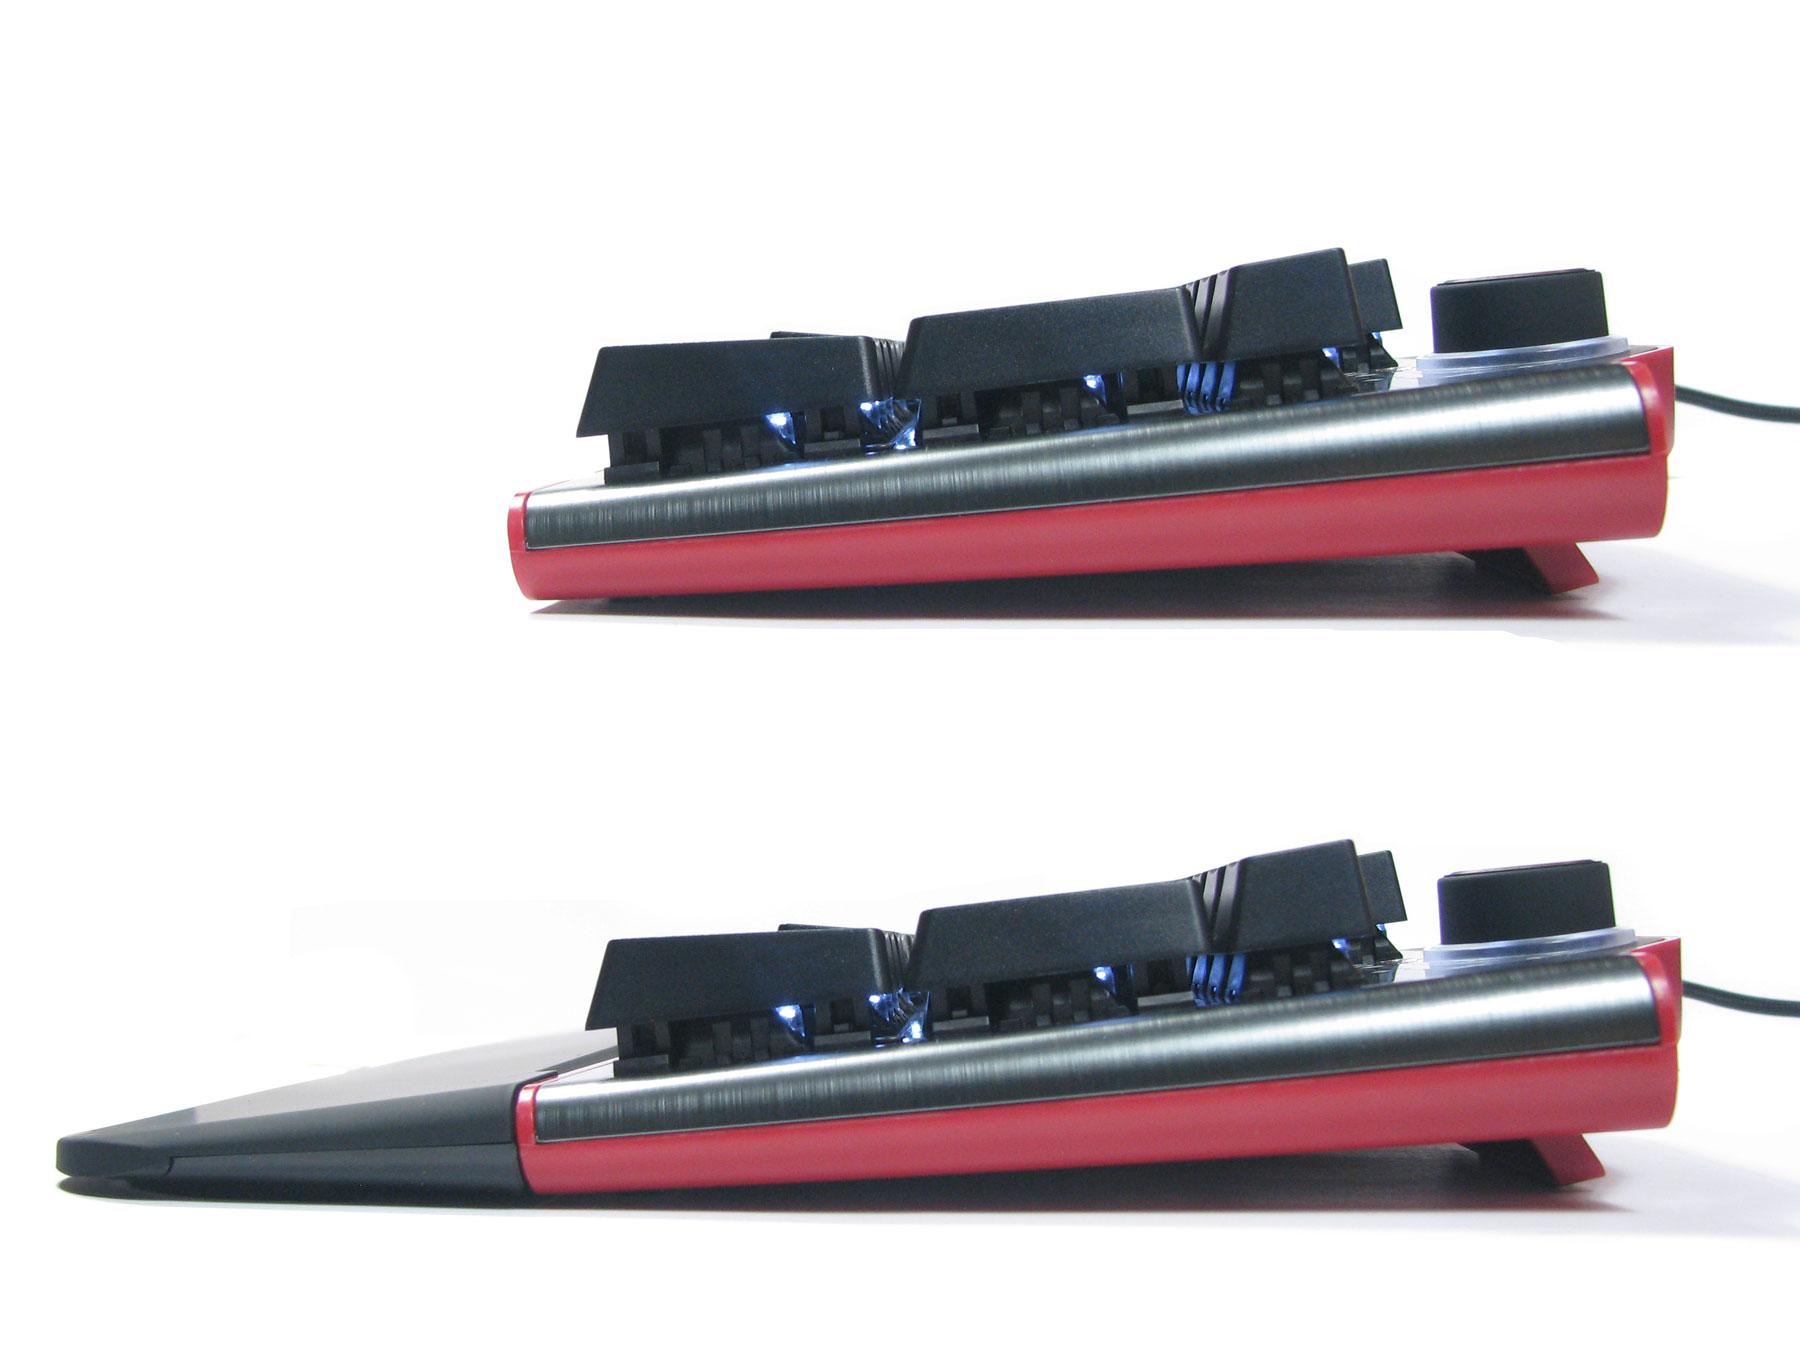 Natec Genesis RX85 - podkładka + rozłożone nóżki uprzyjemniają granie.